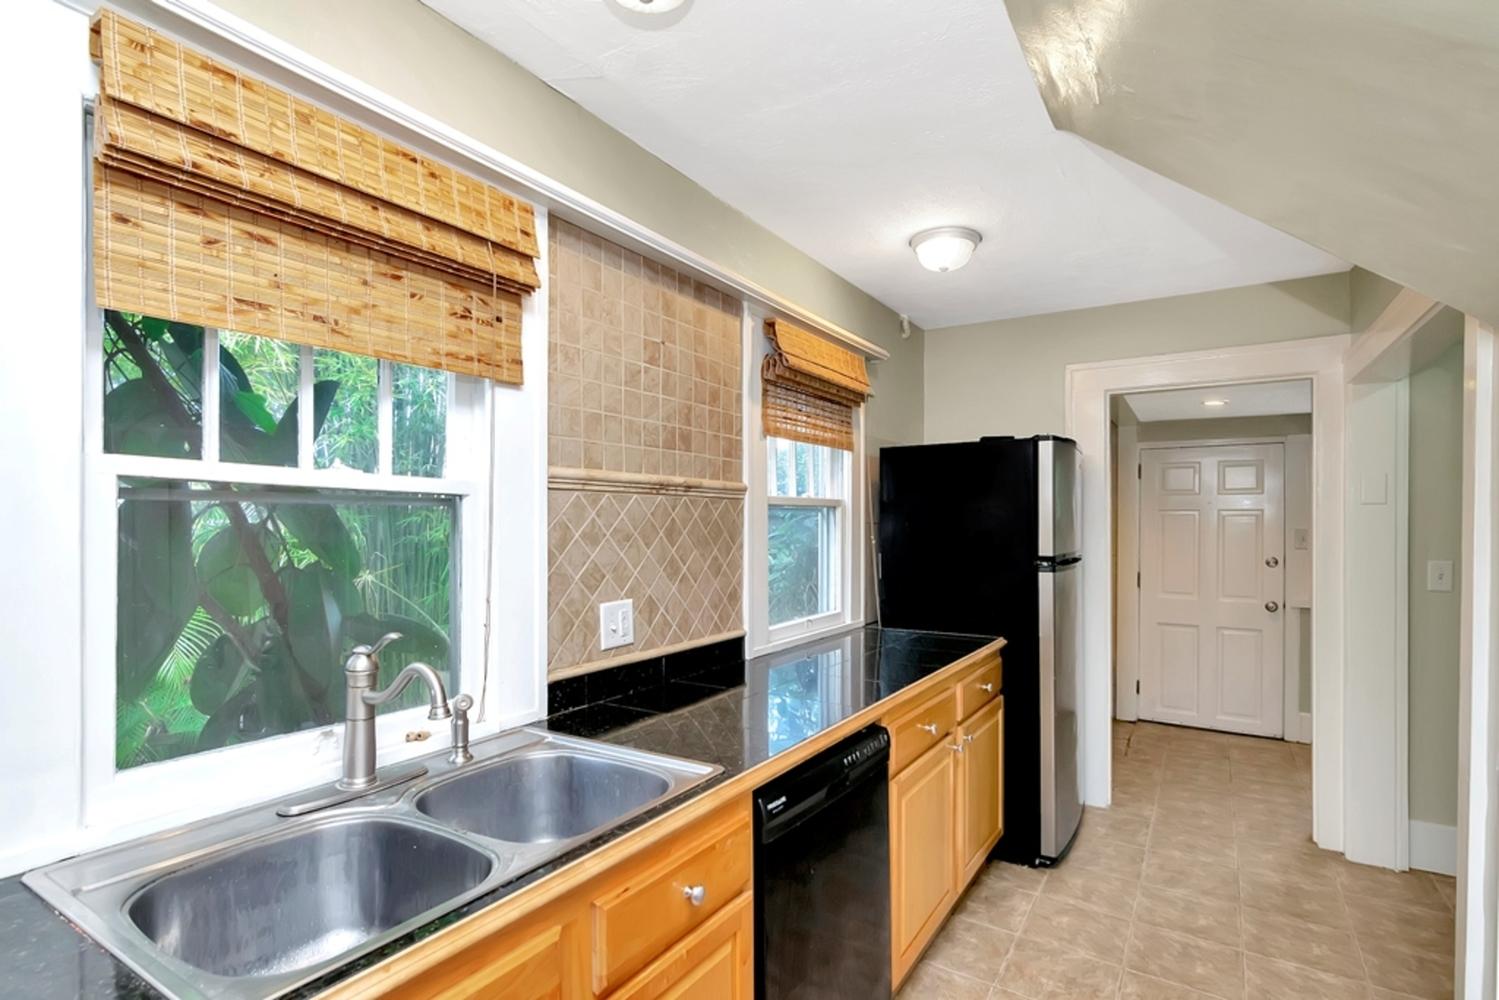 18 kitchen